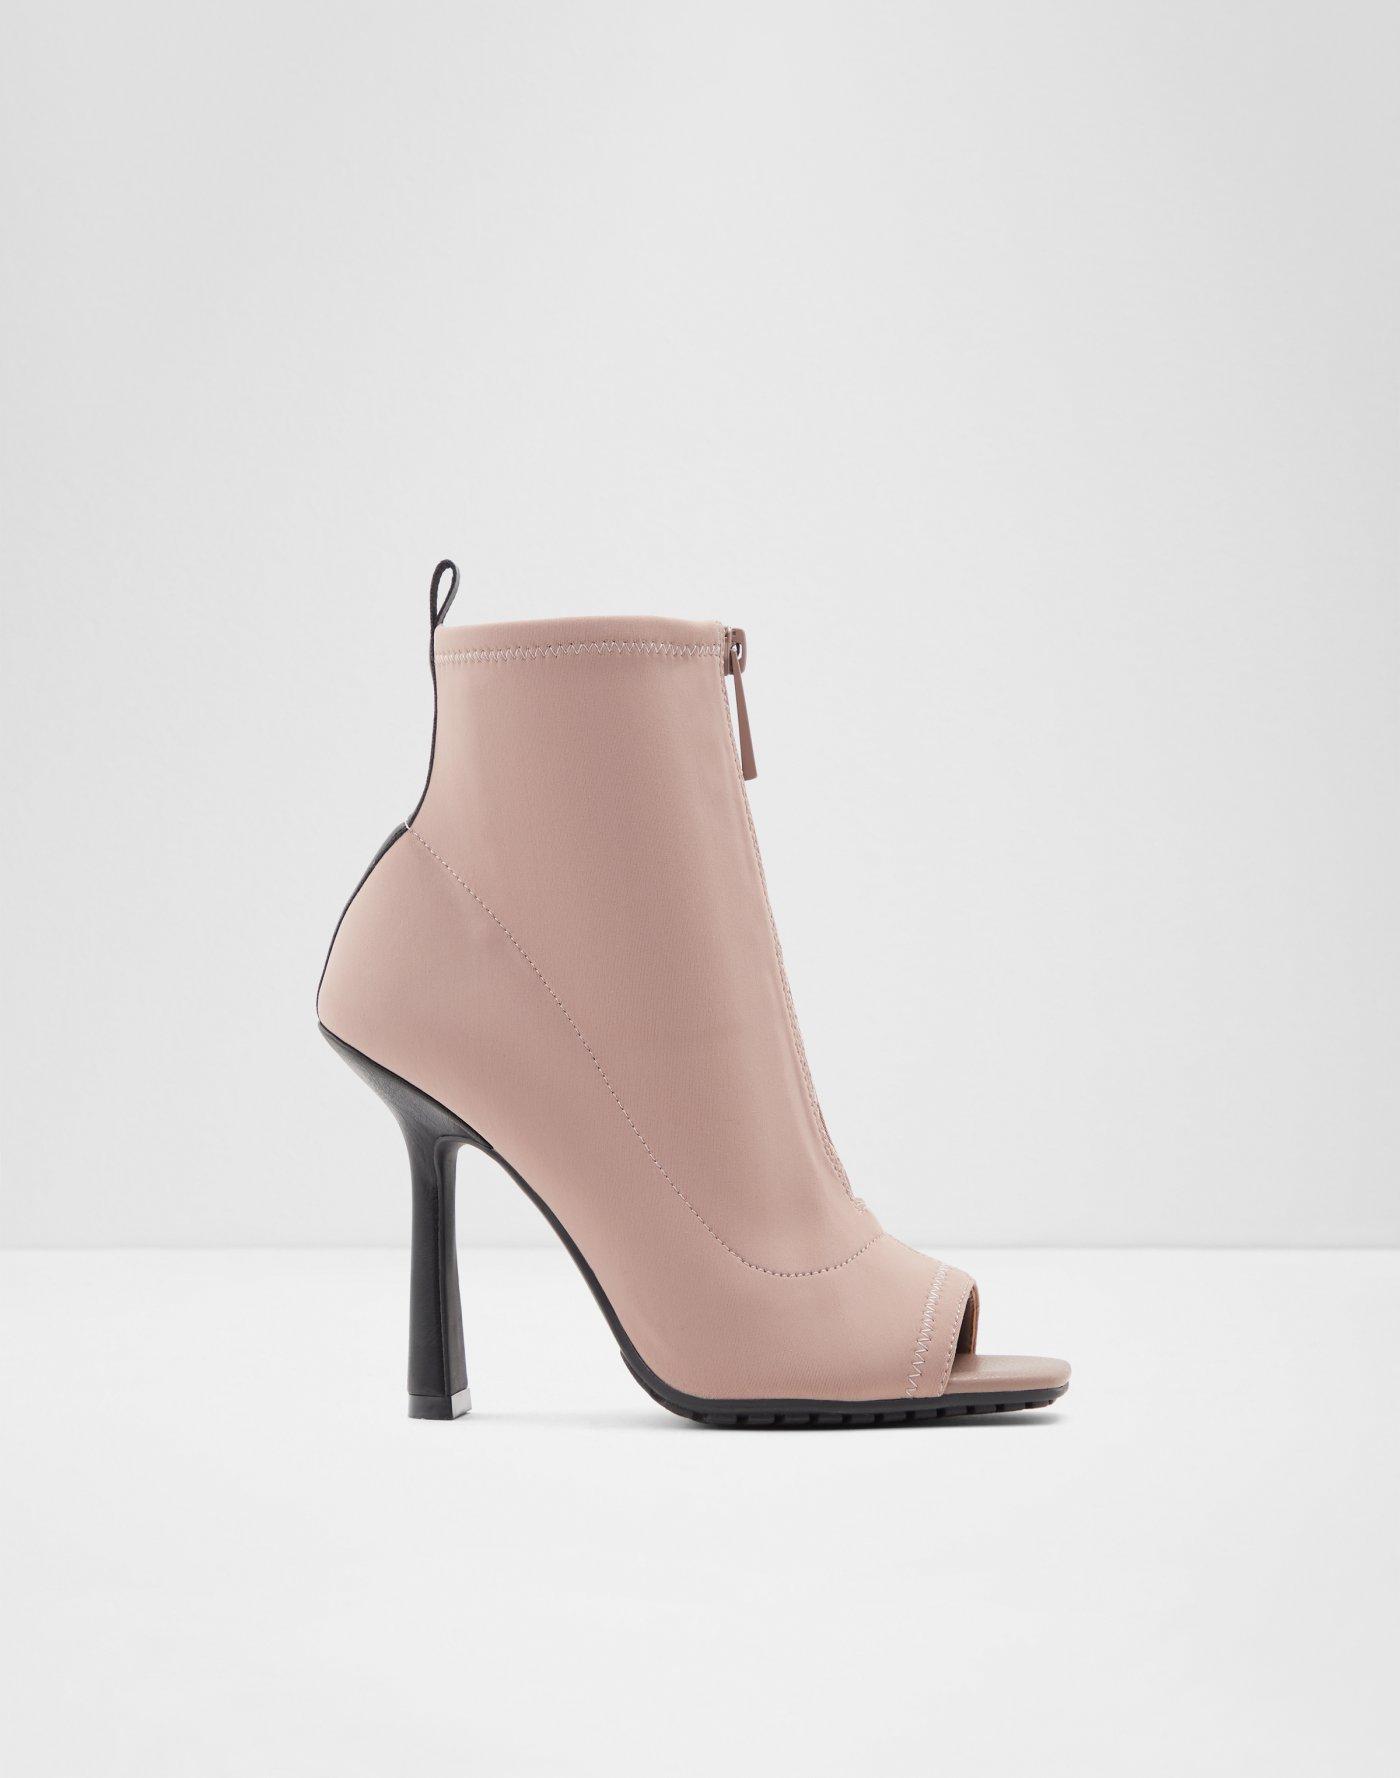 Women's High Heel Shoes   Heels   ALDO US